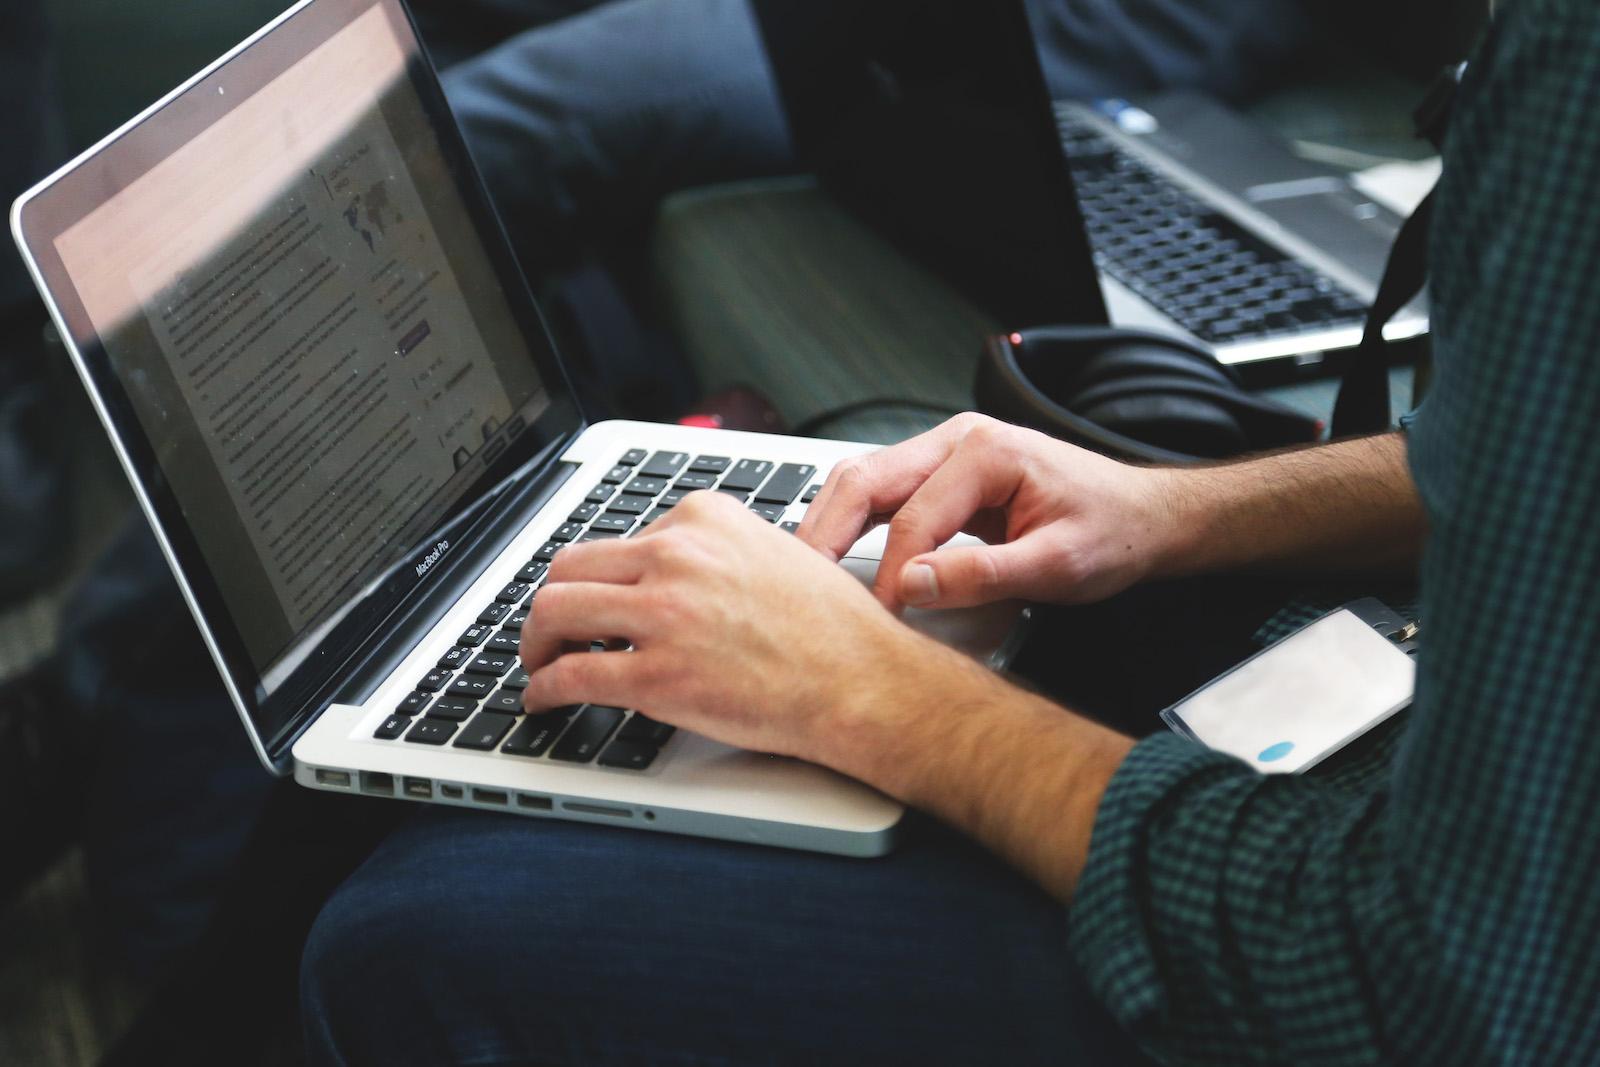 Unterwegs am MacBook arbeiten